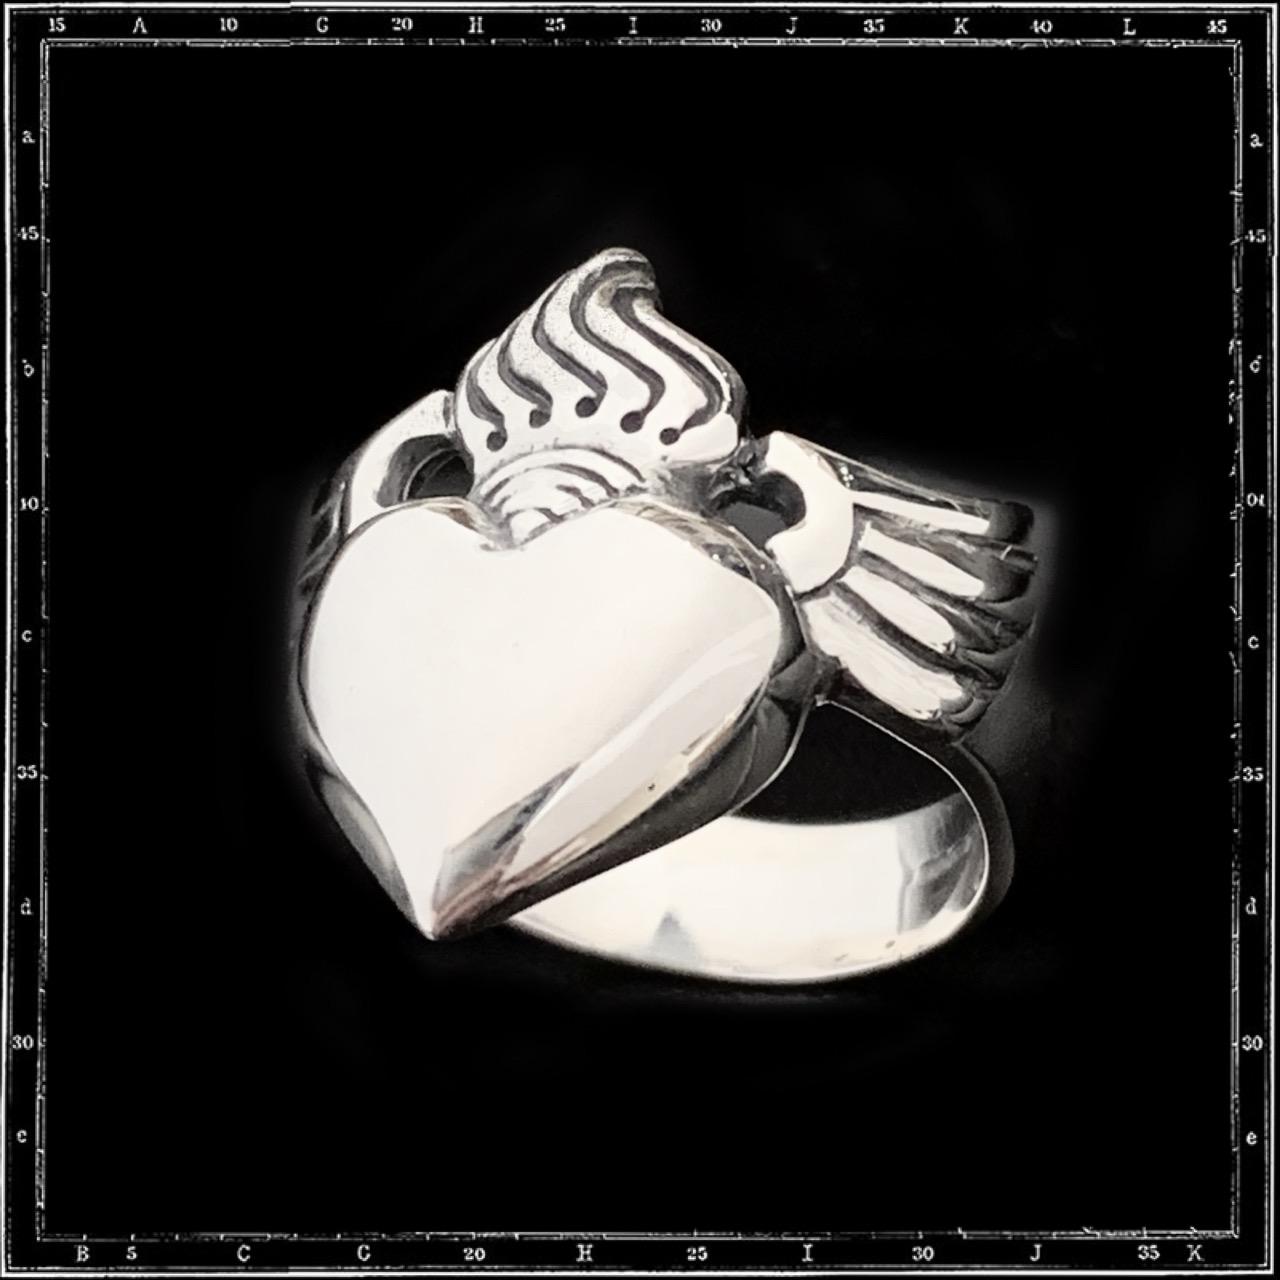 ROSARY HEART RING